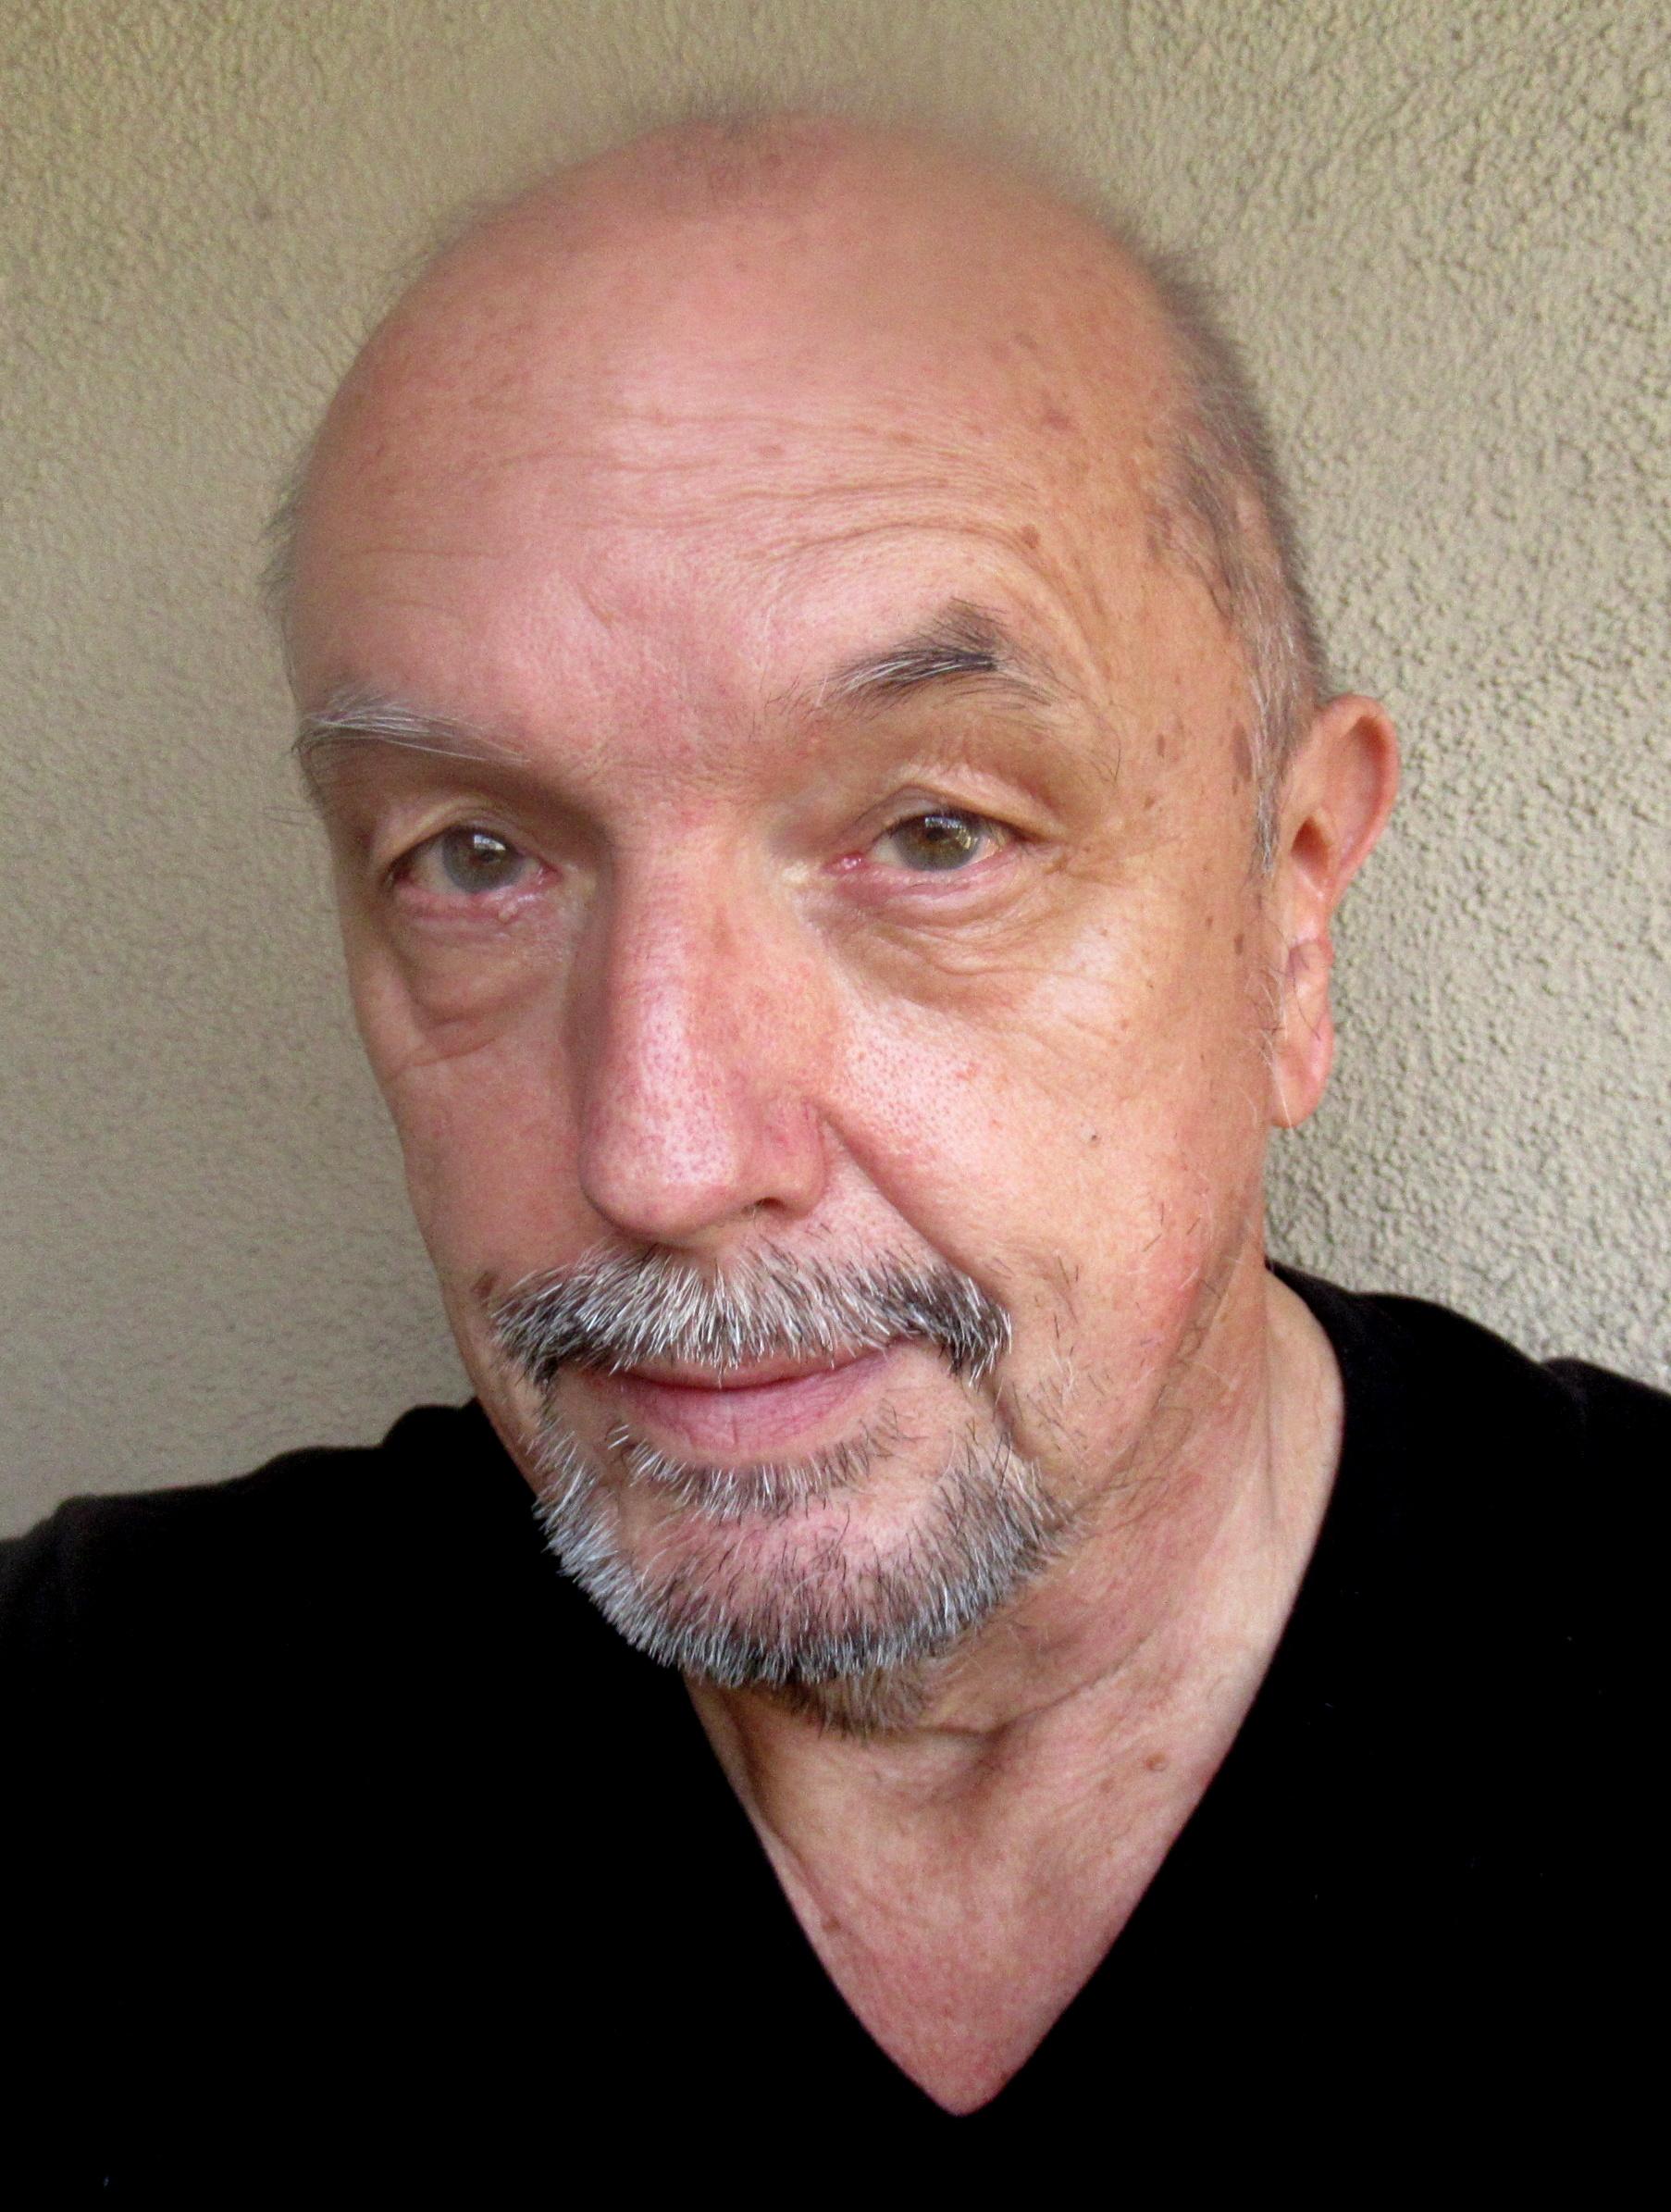 Jim Chevallier